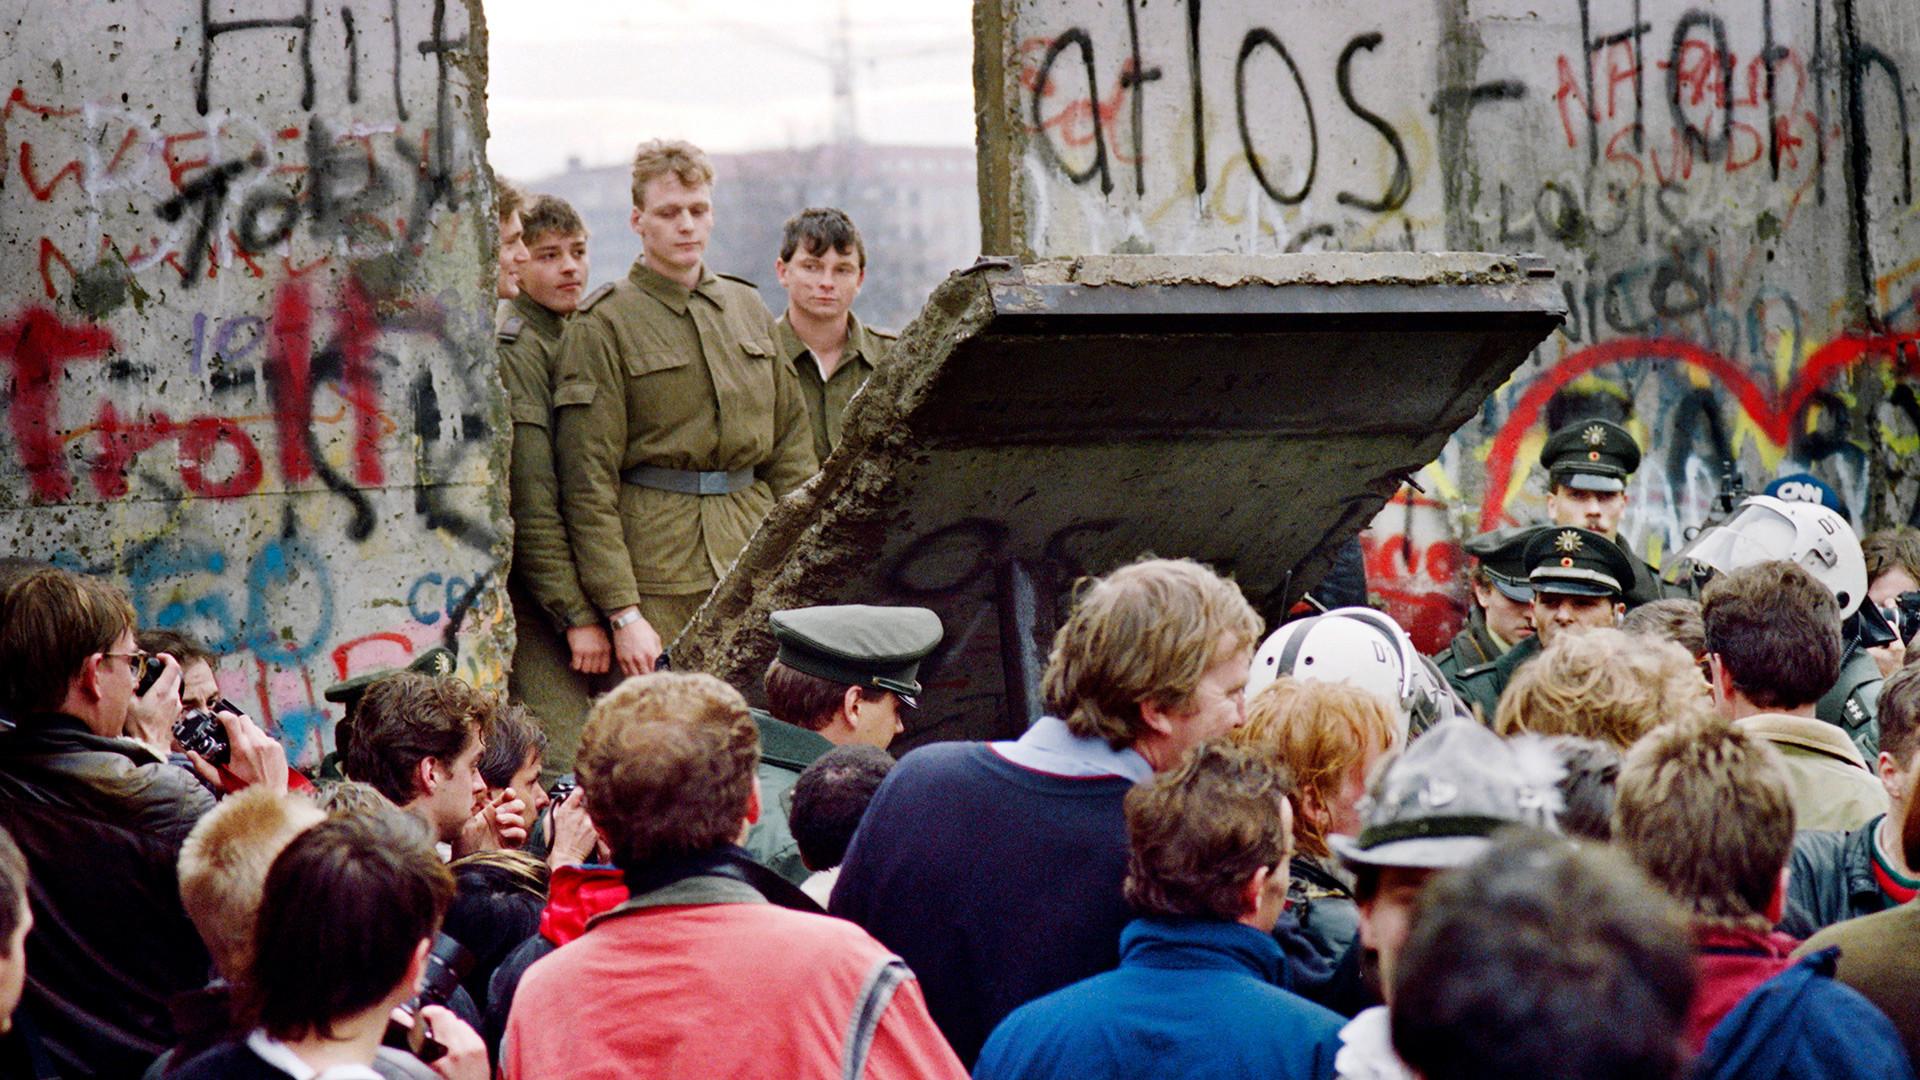 Warga Berlin Barat berkerumun di depan Tembok Berlin ketika menyaksikan penjaga perbatasan Jerman Timur menghancurkan bagian dinding untuk membuka titik persimpangan baru antara Berlin Timur dan Barat, di dekat Potsdamer Square,  awal 11 November 1989 .